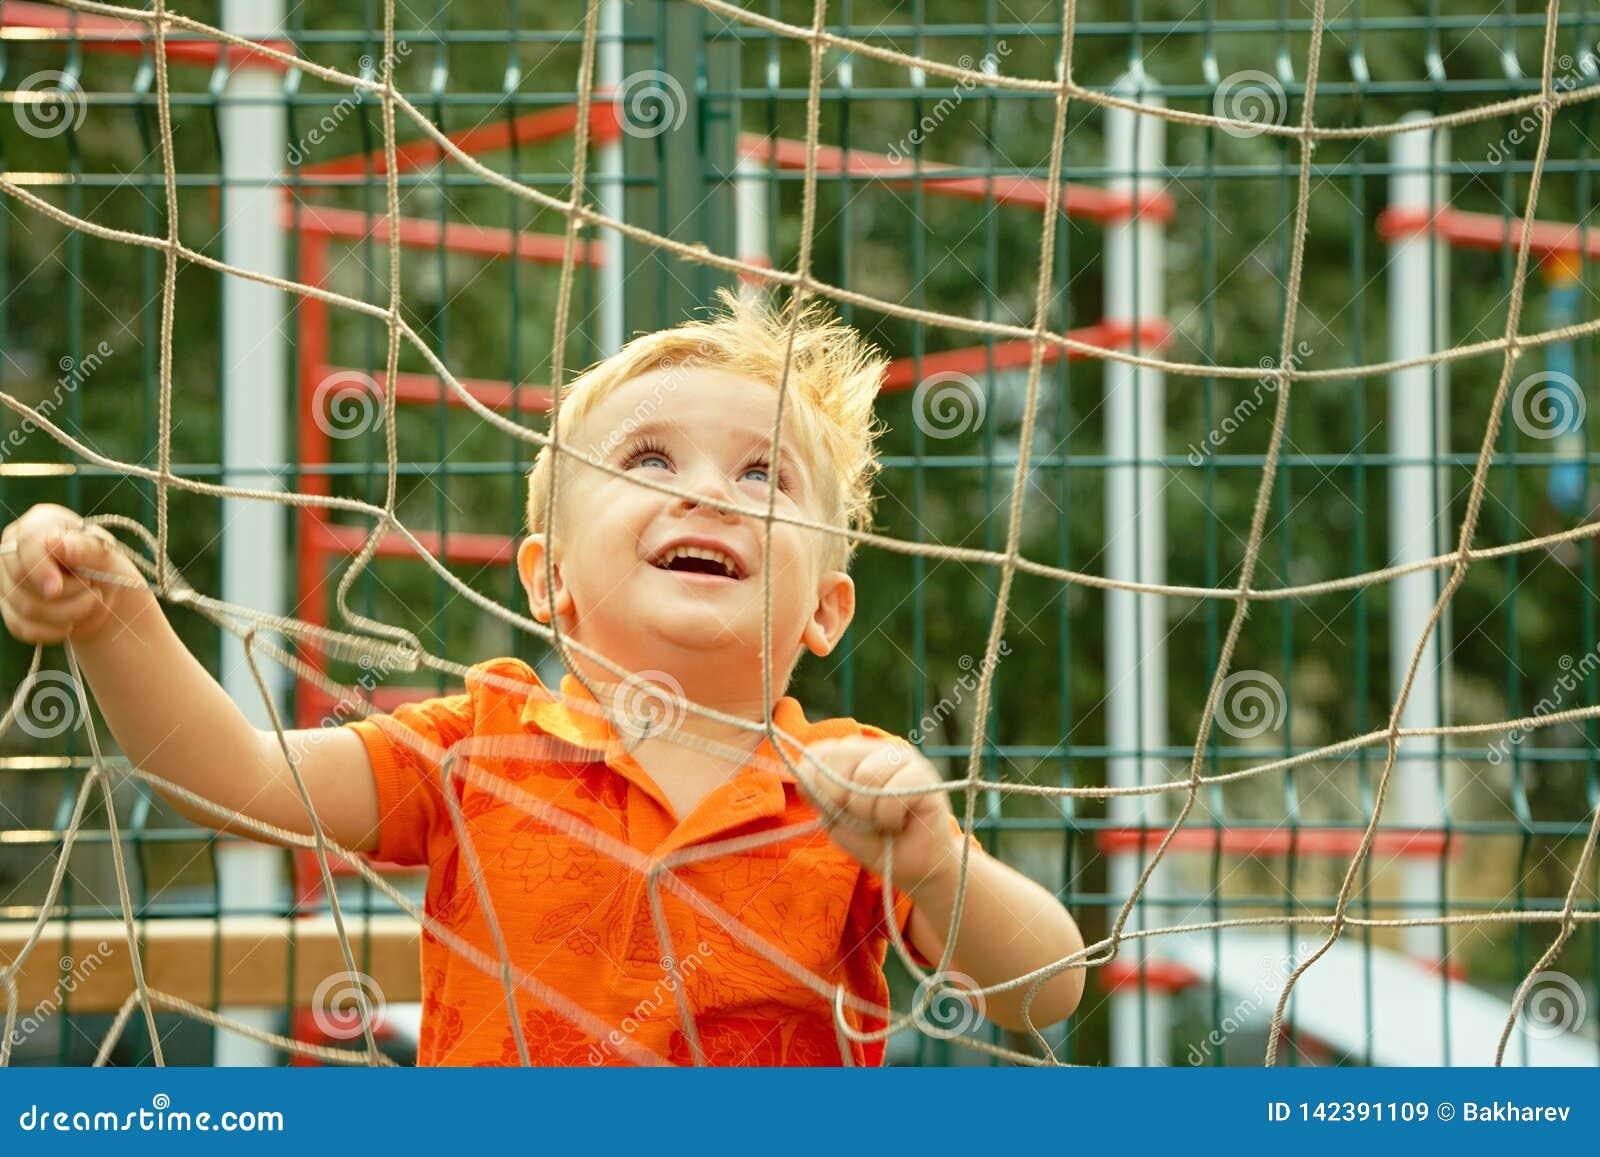 Grappig weinig jongen op speelplaats met net van voetbalpoort speelkind op sportengrond